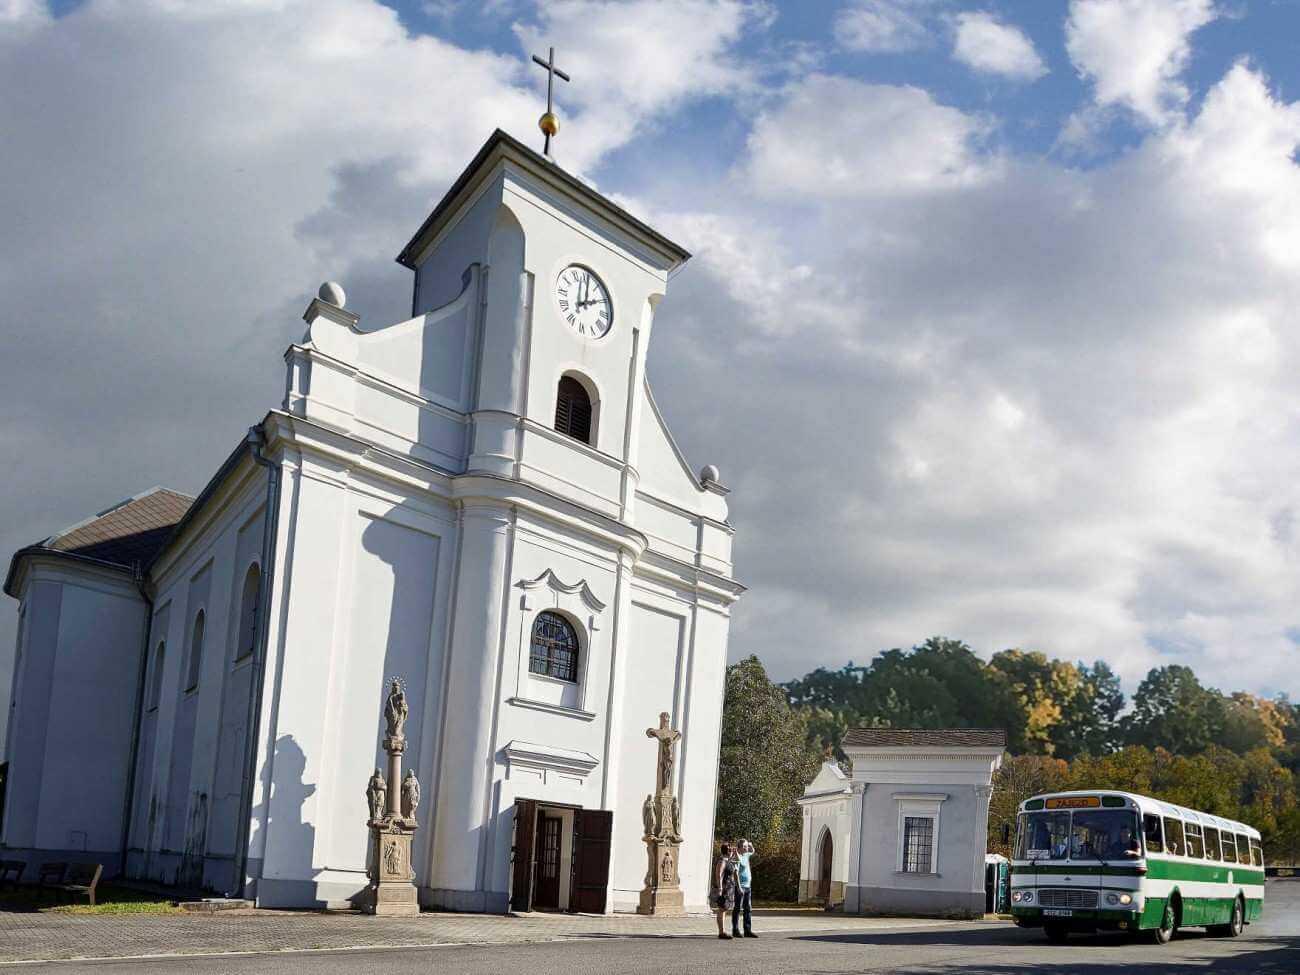 Šikmý kostel sv. Petra z Alkantary (Zdroj: fotoarchiv společnost MS Tourism)